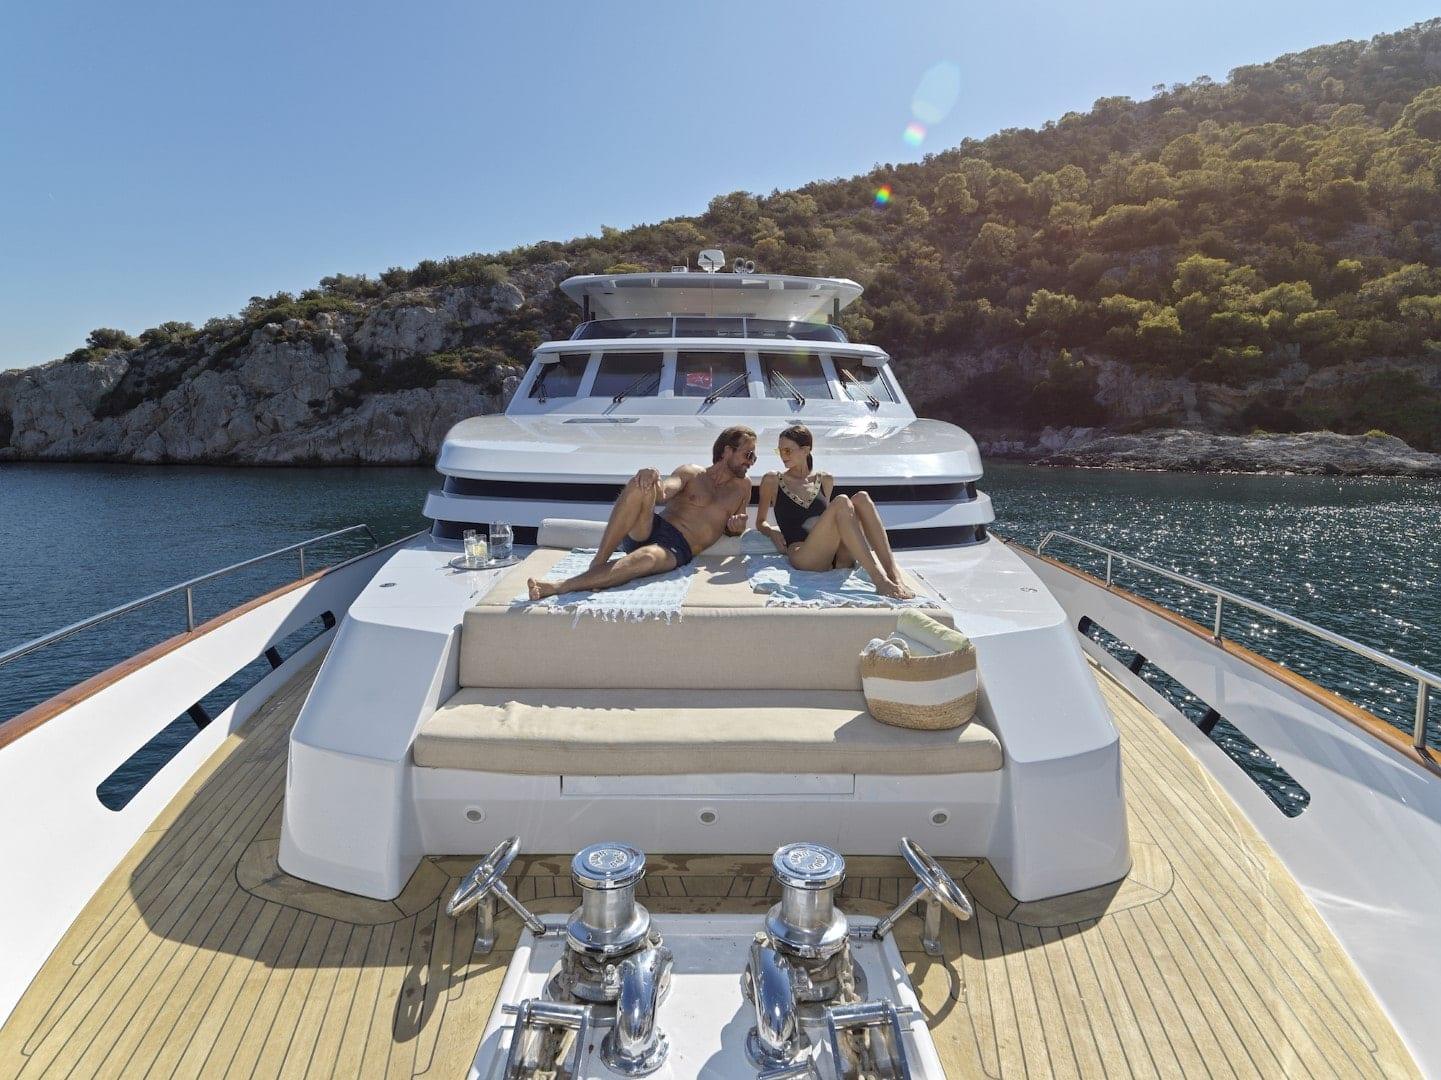 mia-zoi-motor-yacht-bow